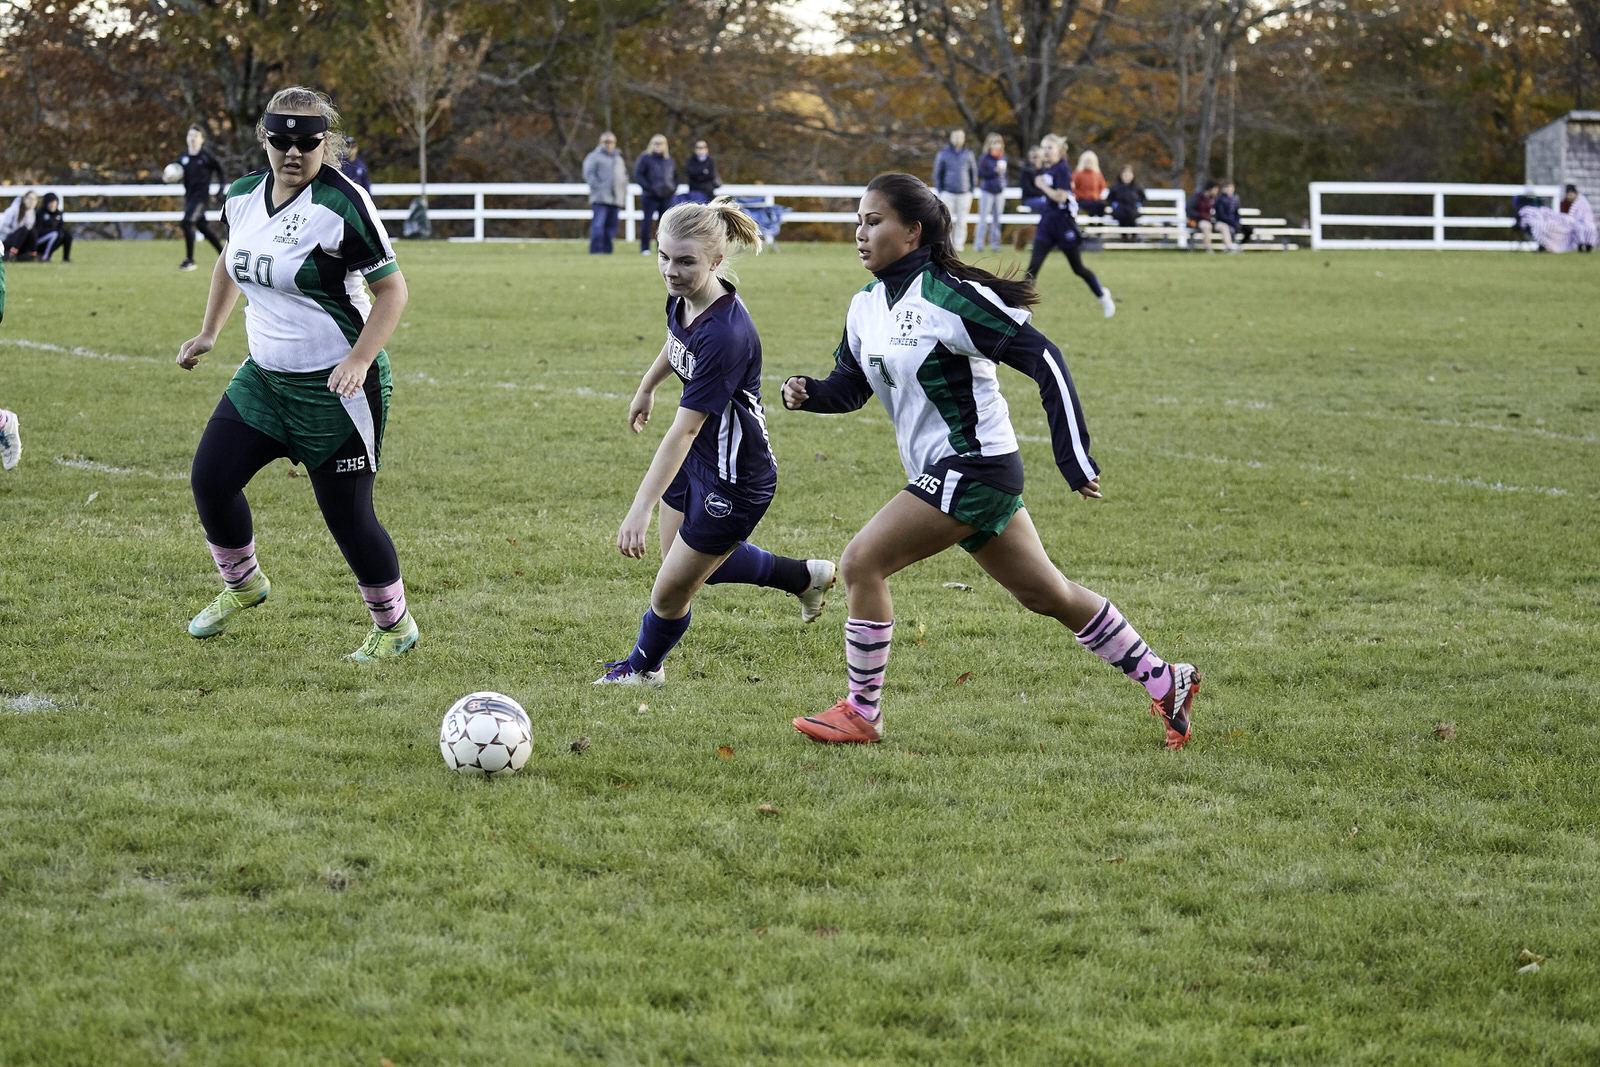 Girls Varsity Soccer vs. Eagle Hill School - October 30, 2018 139107.jpg